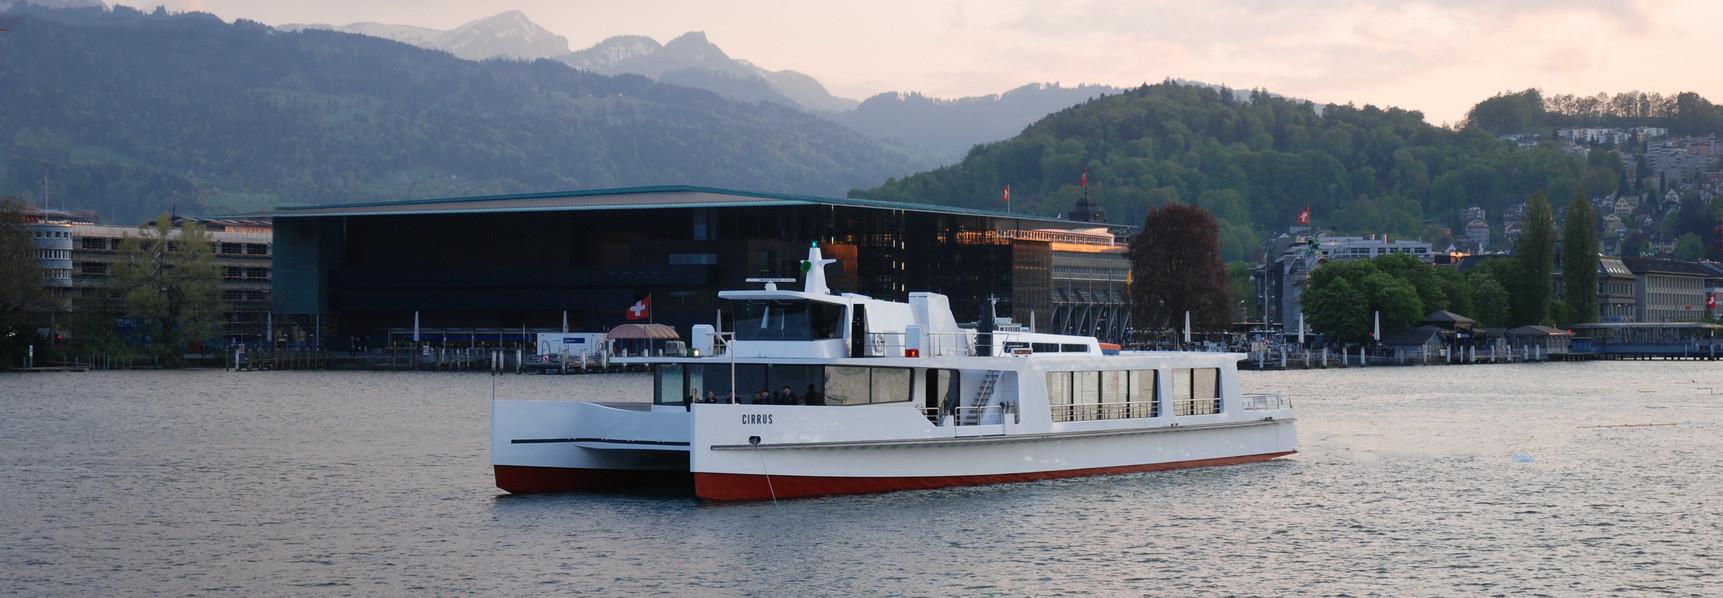 Bei bewölktem Wetter fährt das Motorschiff Cirrus im Luzerner Seebecken, im Hintergrund ist das KKL zu sehen.